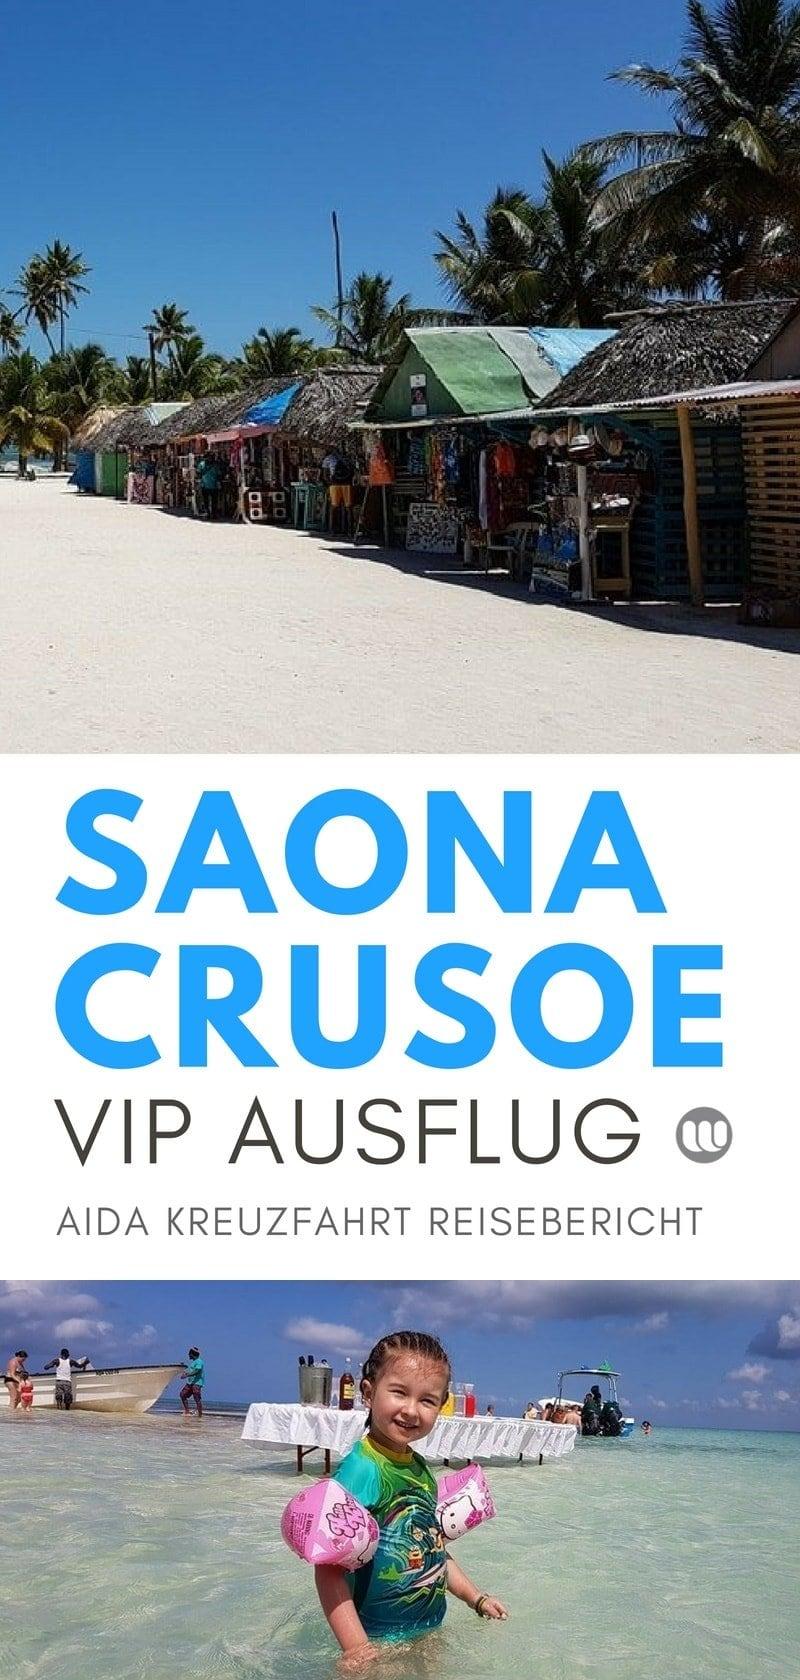 Seavis VIP Ausflug auf die Isla Saona 13